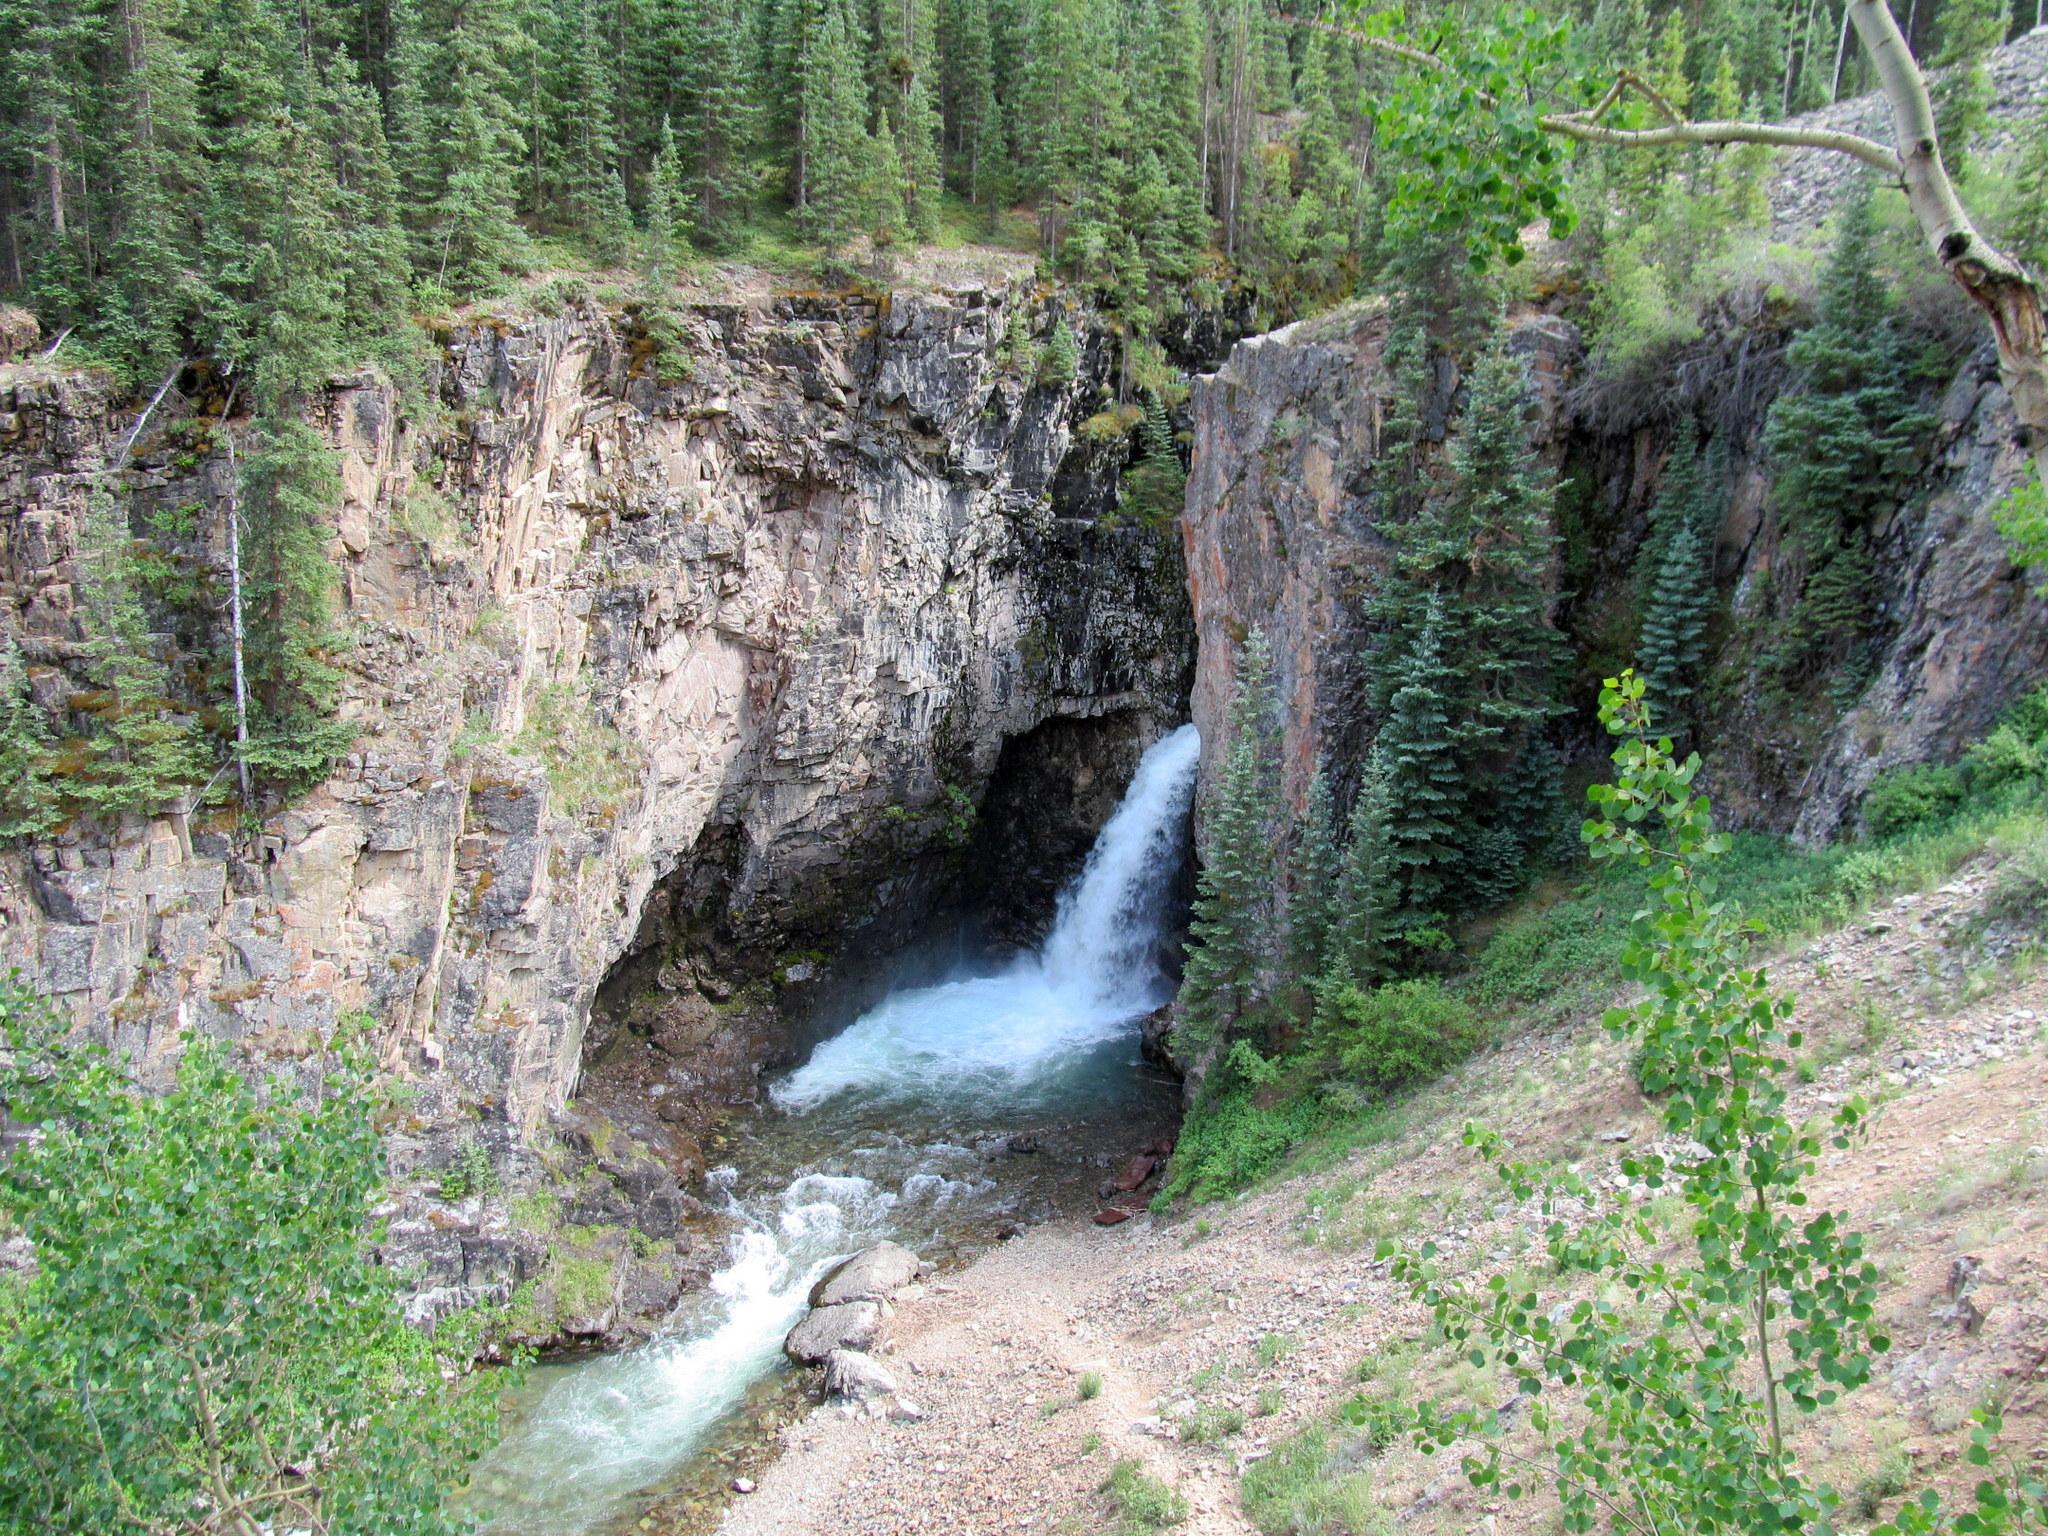 Photo: Whitmore Falls along Henson Creek